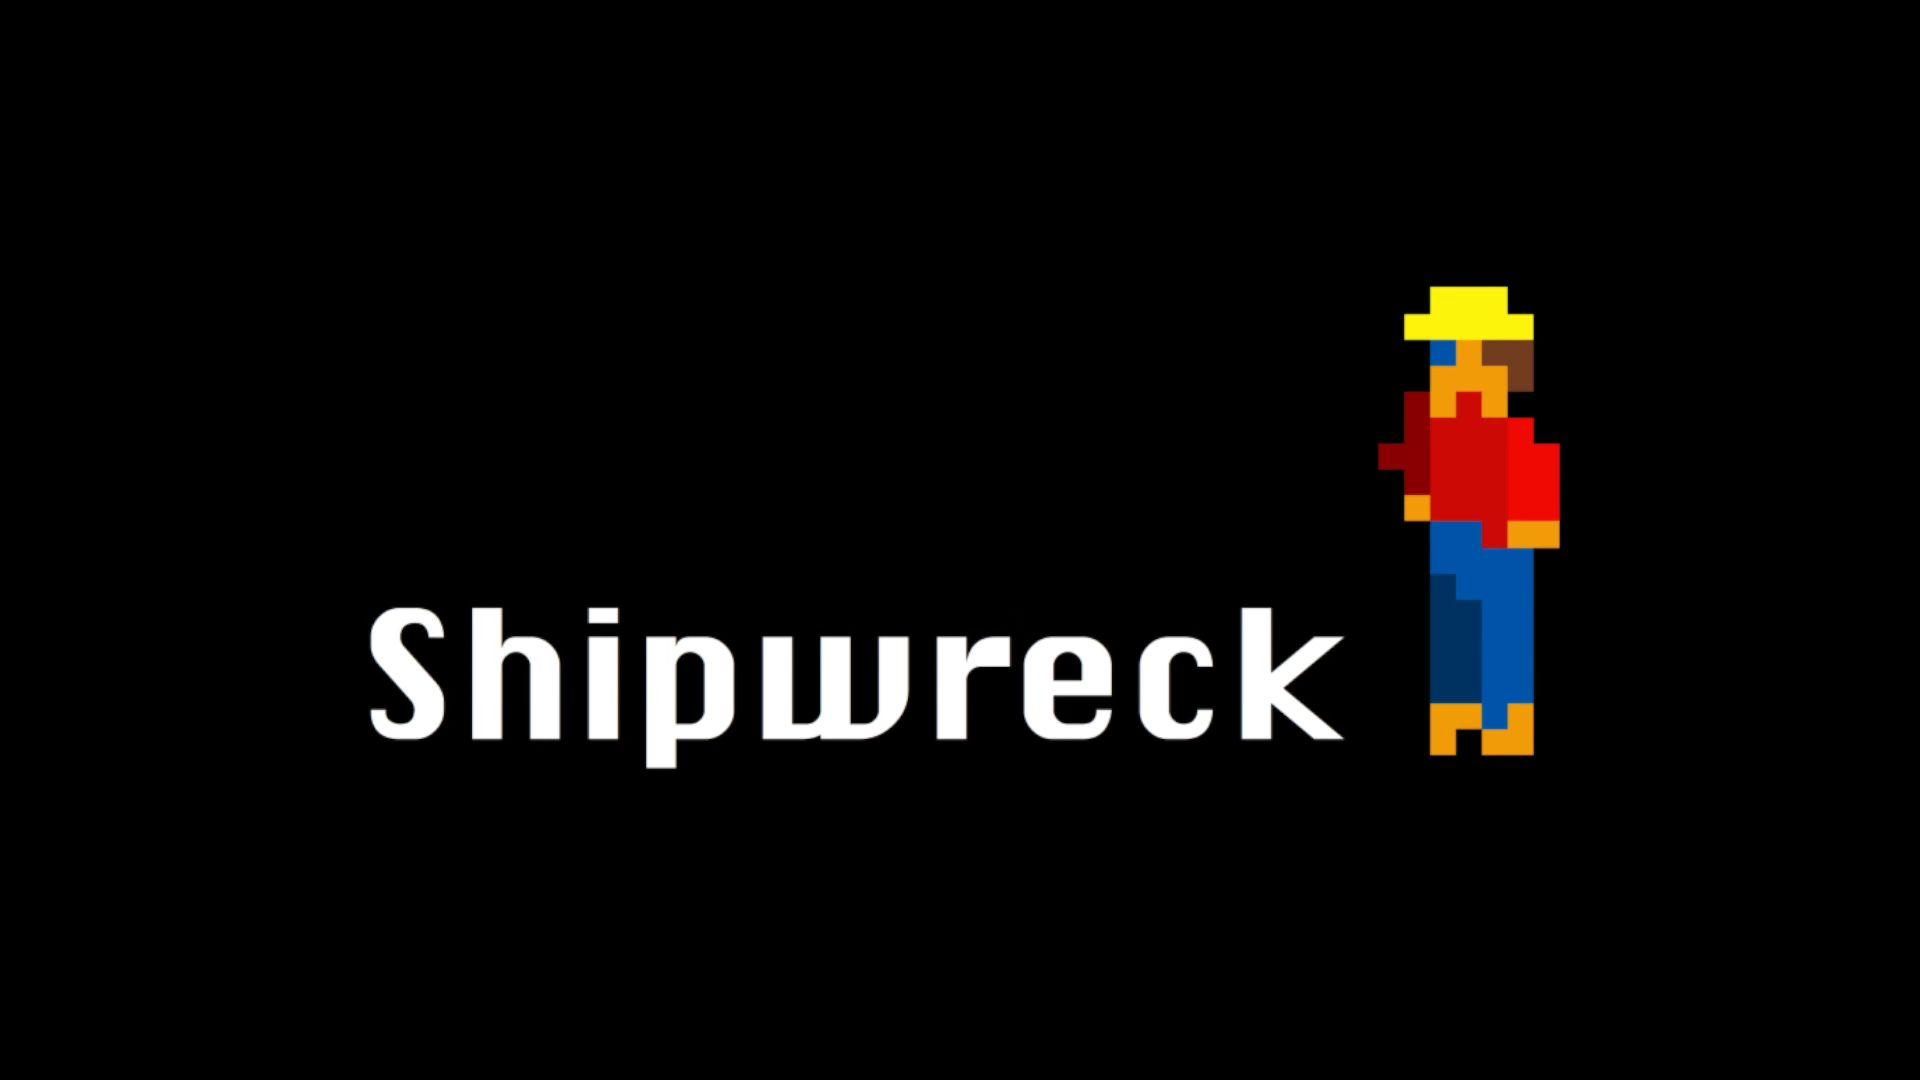 Shipwreck скріншот 1